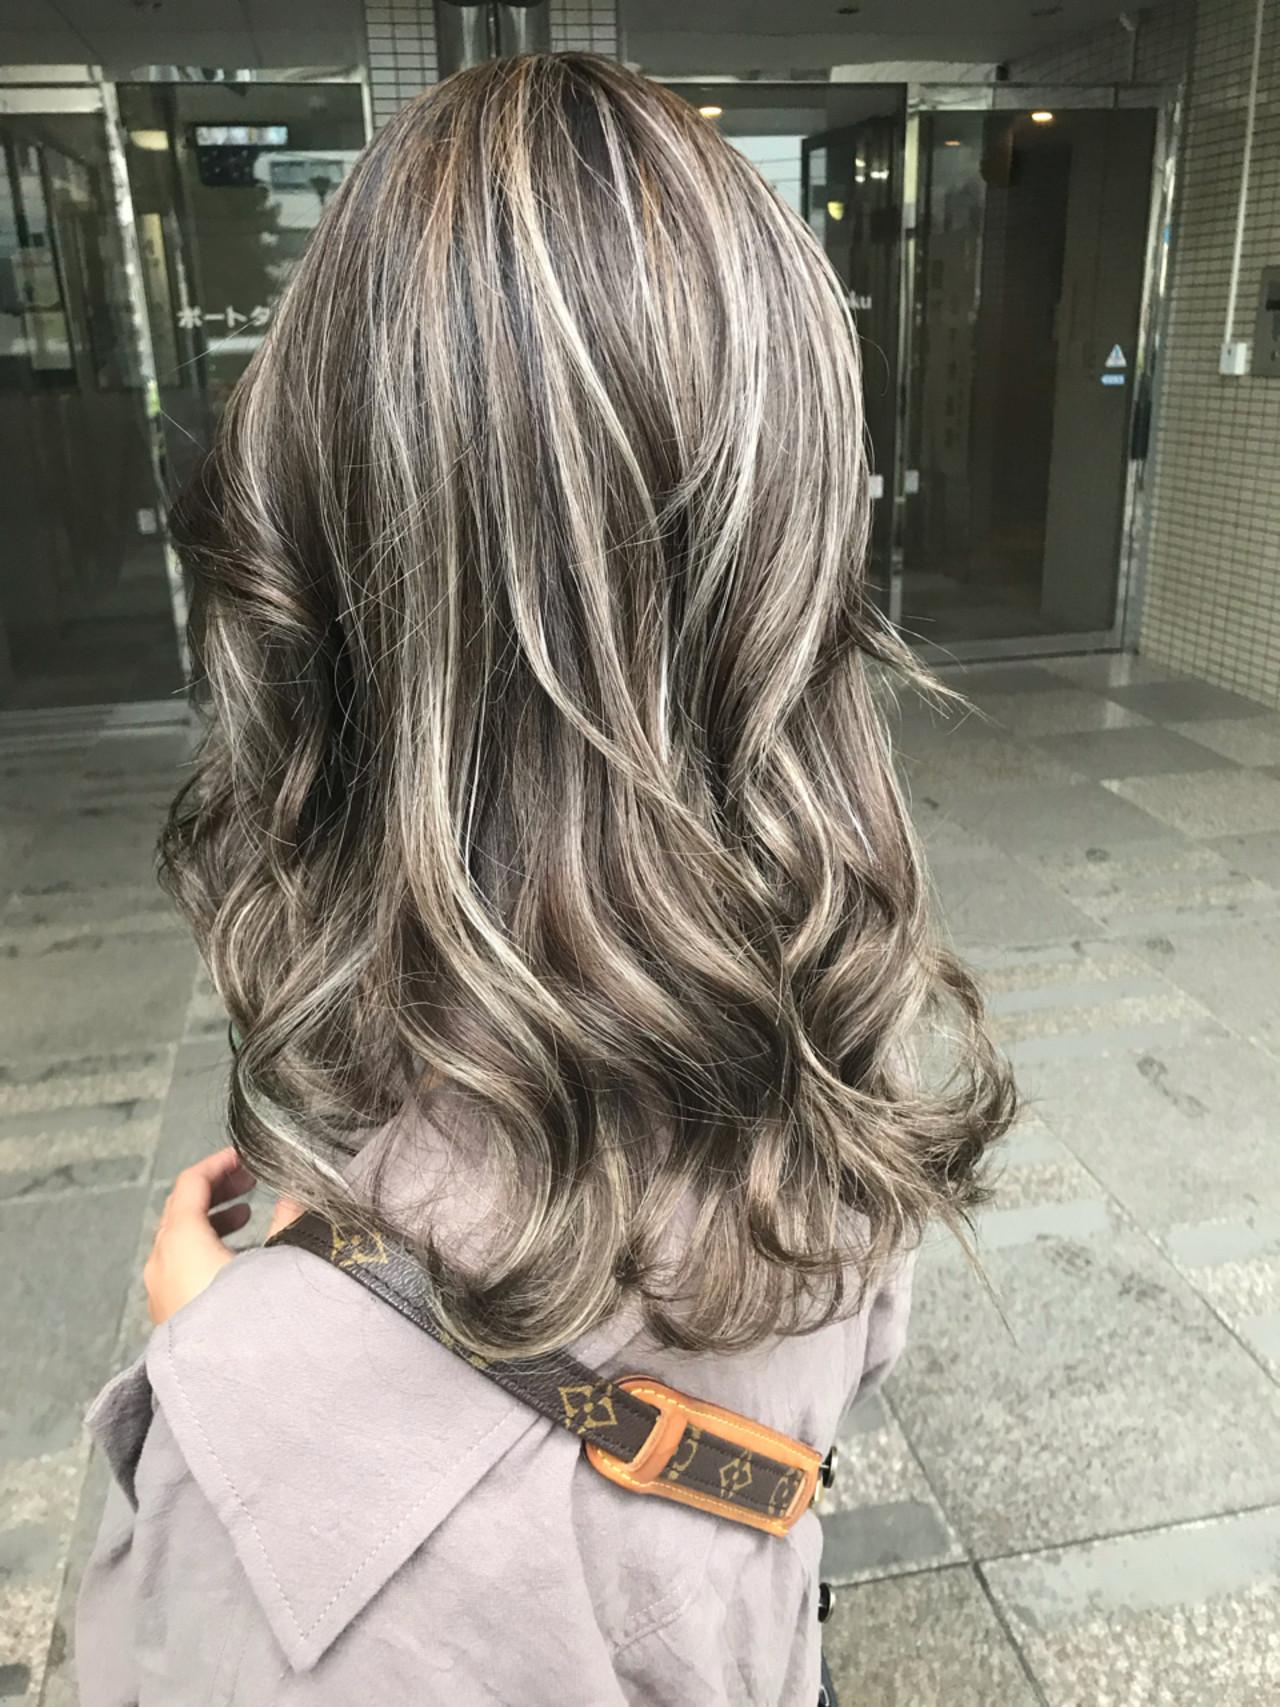 ミディアム 外国人風カラー エレガント グラデーションカラー ヘアスタイルや髪型の写真・画像